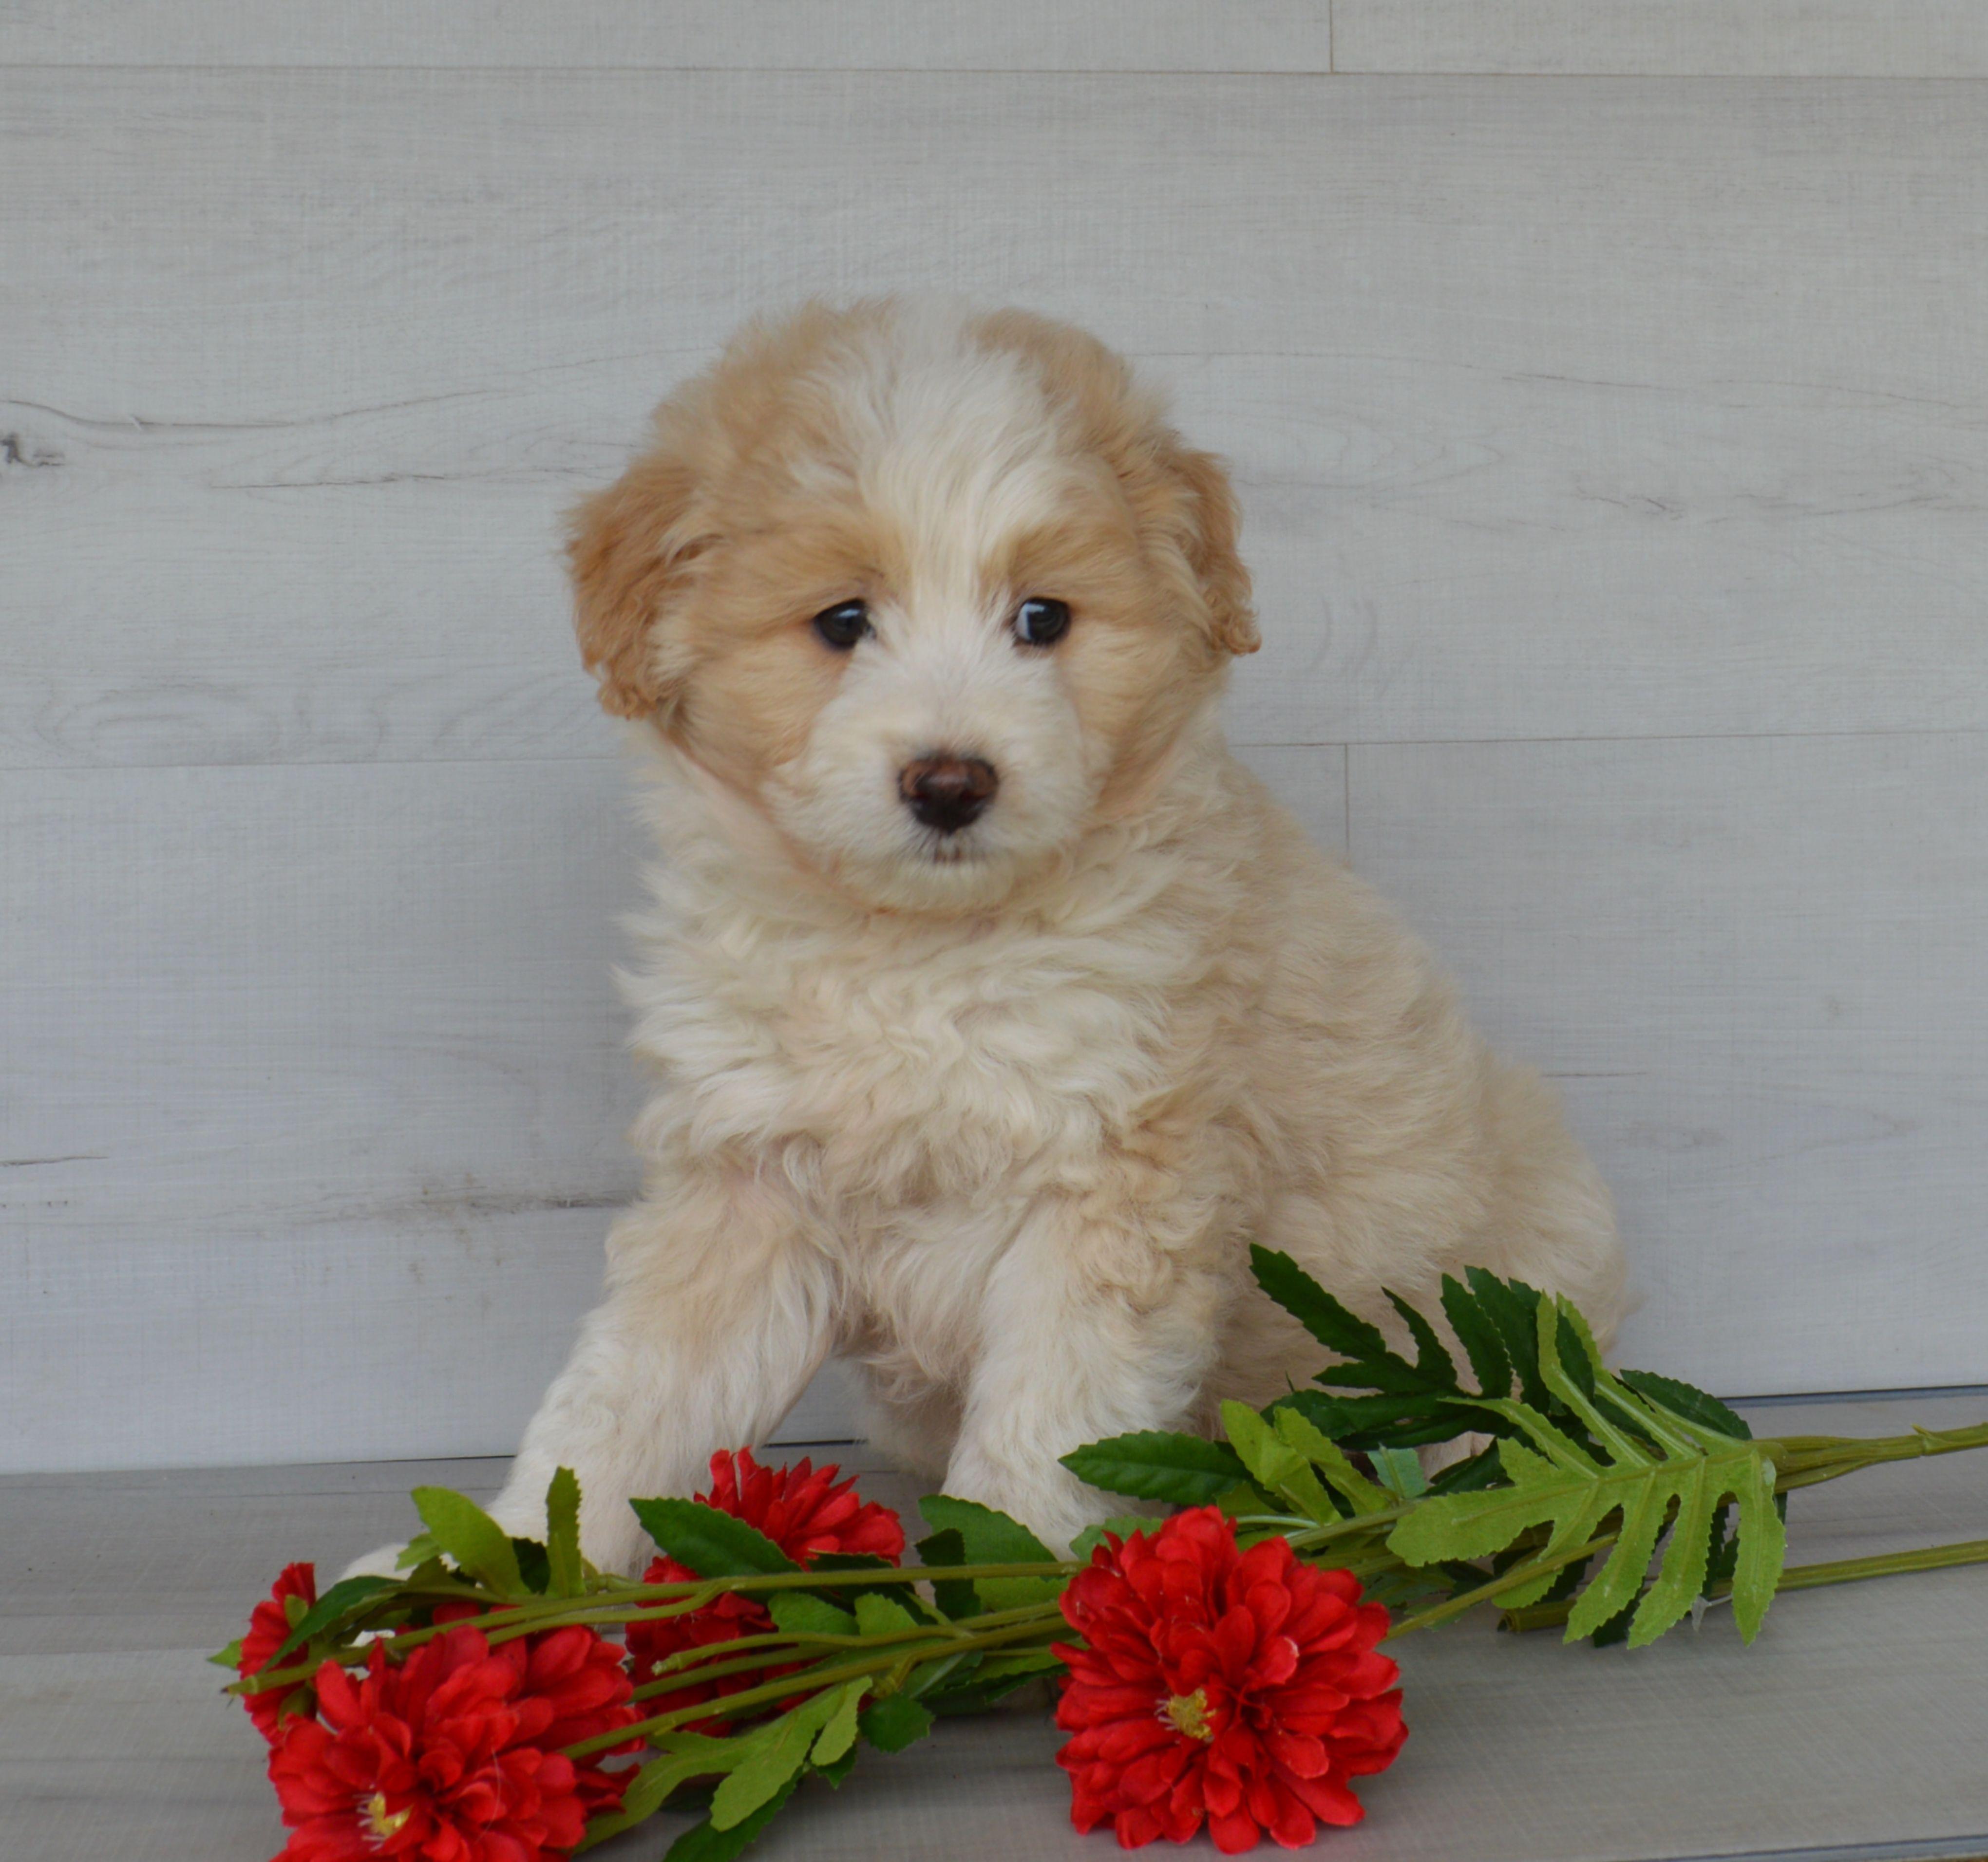 Puppies for Sale Aussie doodle puppy, Puppies, Puppy